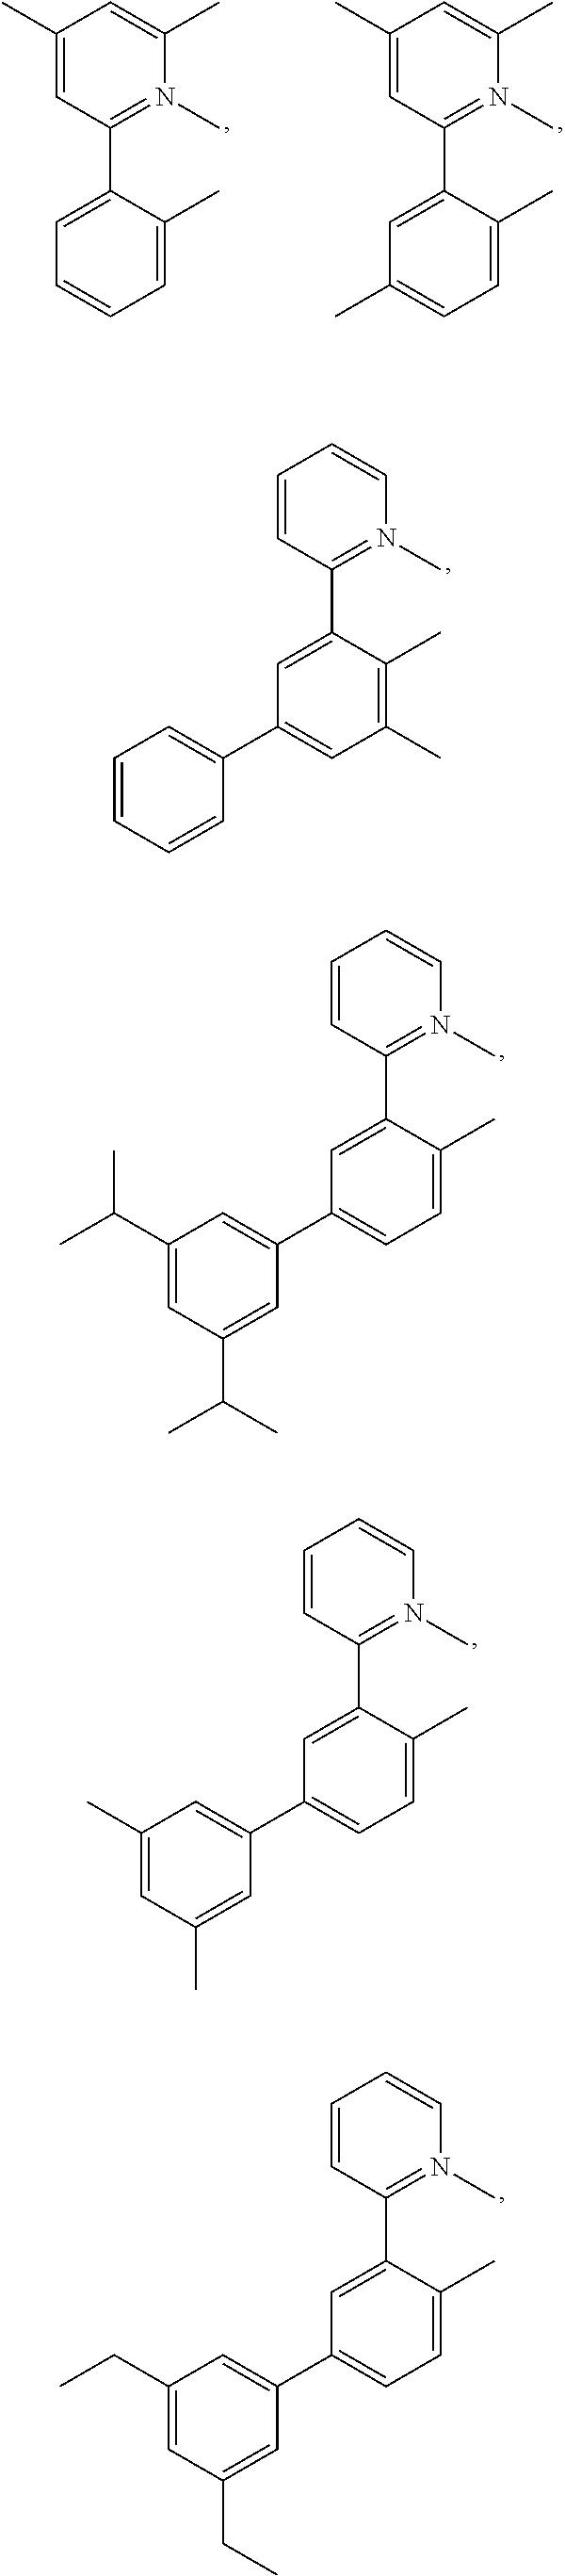 Figure US09899612-20180220-C00038